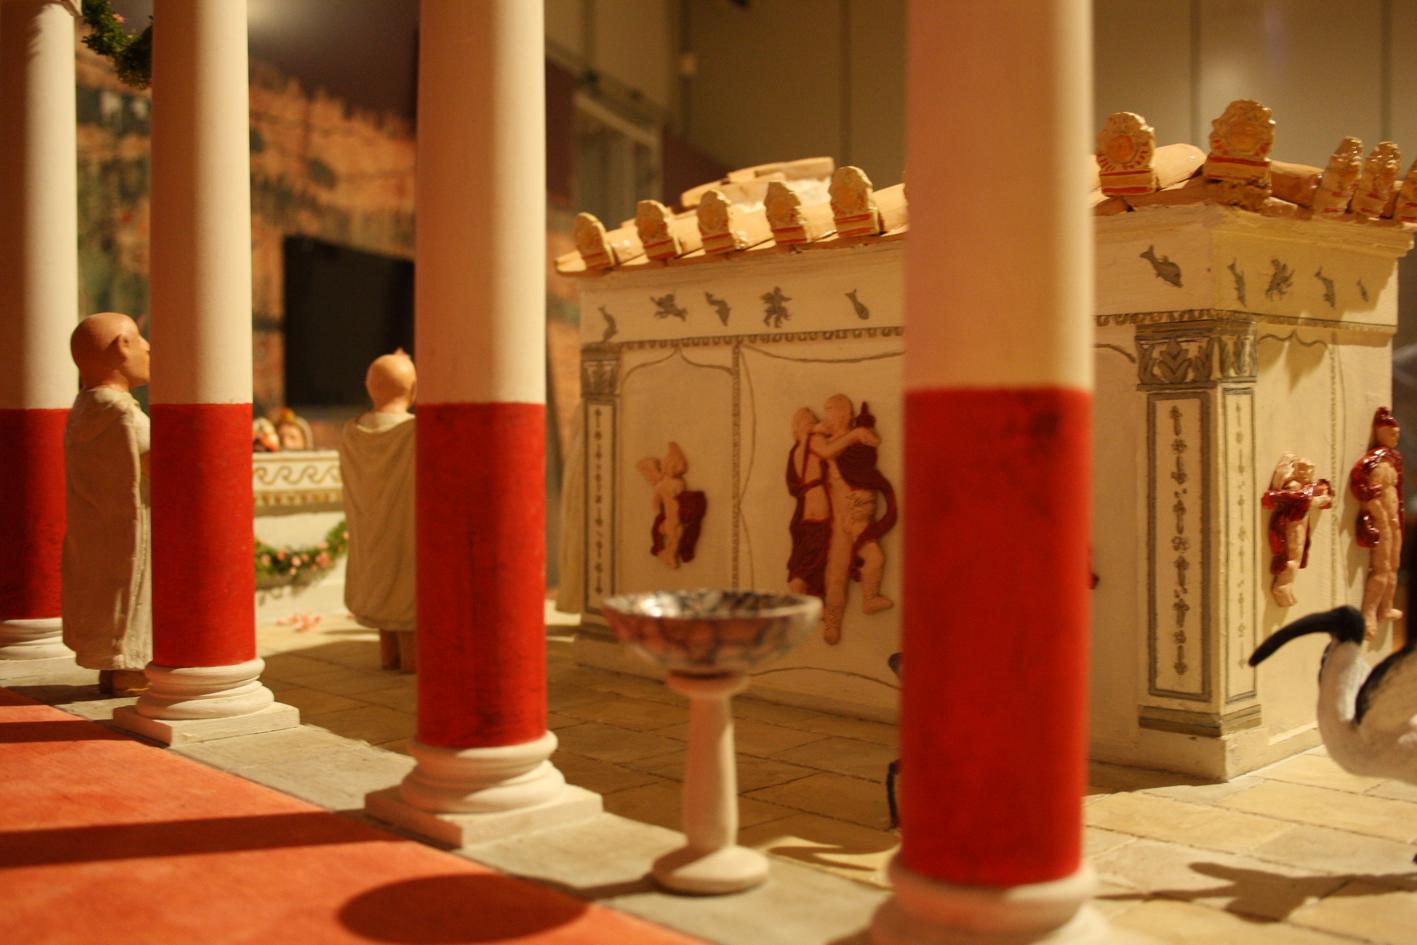 Plastico illustrativo del luogo di culto dedicato a Iside nel centro storico di Lecce